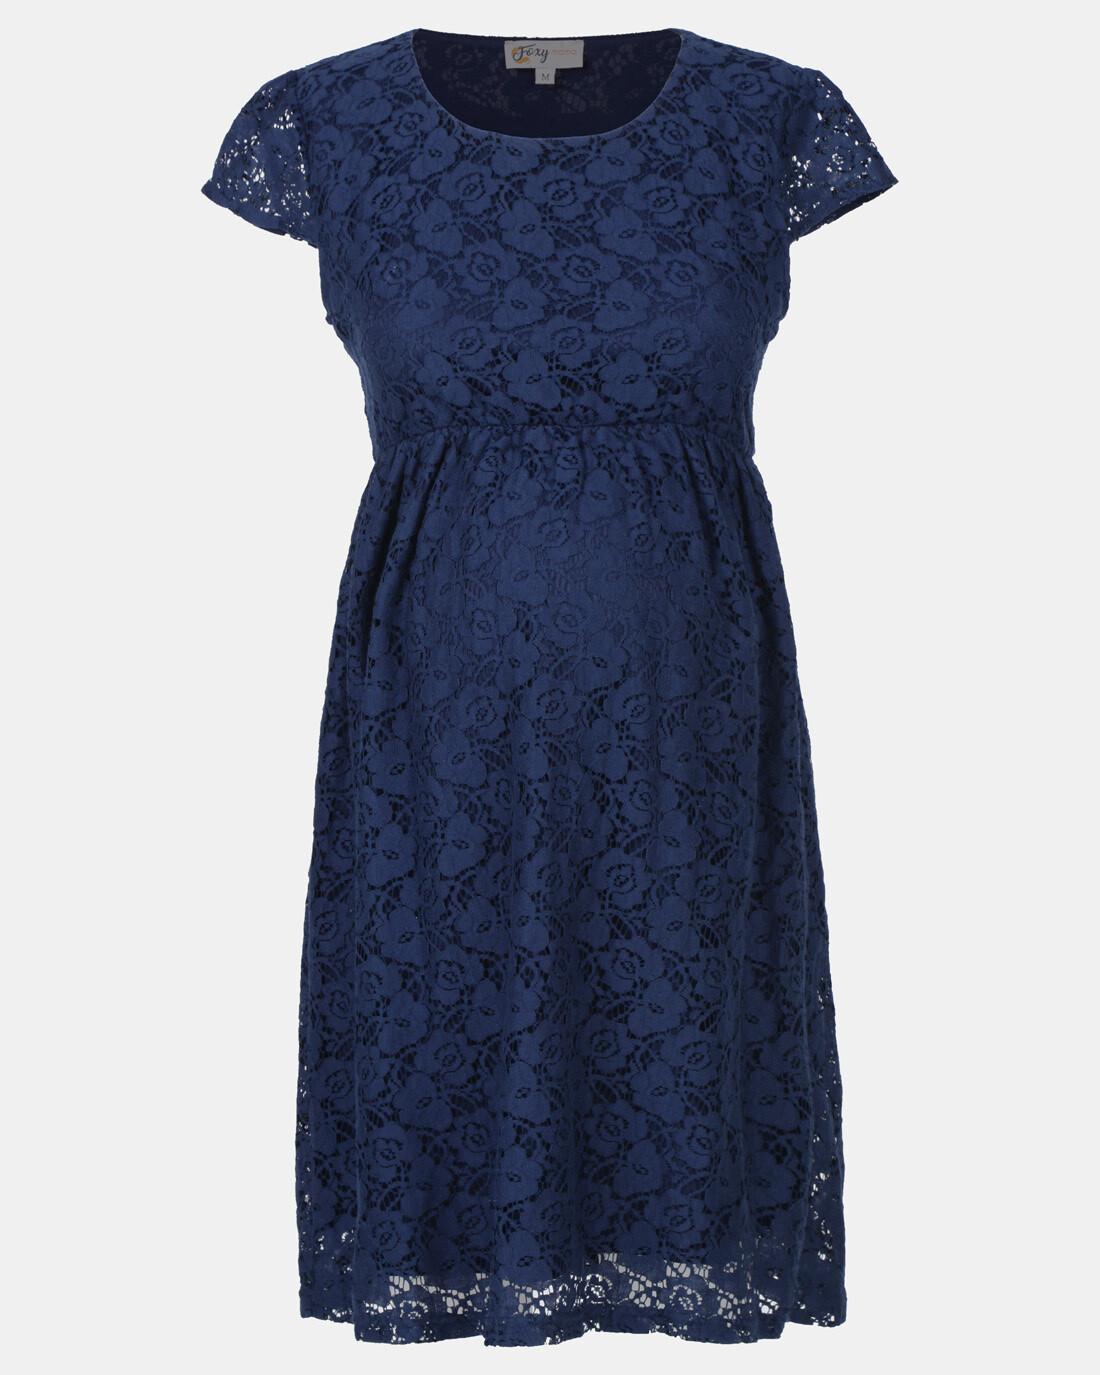 Navy Blue Maternity Lace Dress